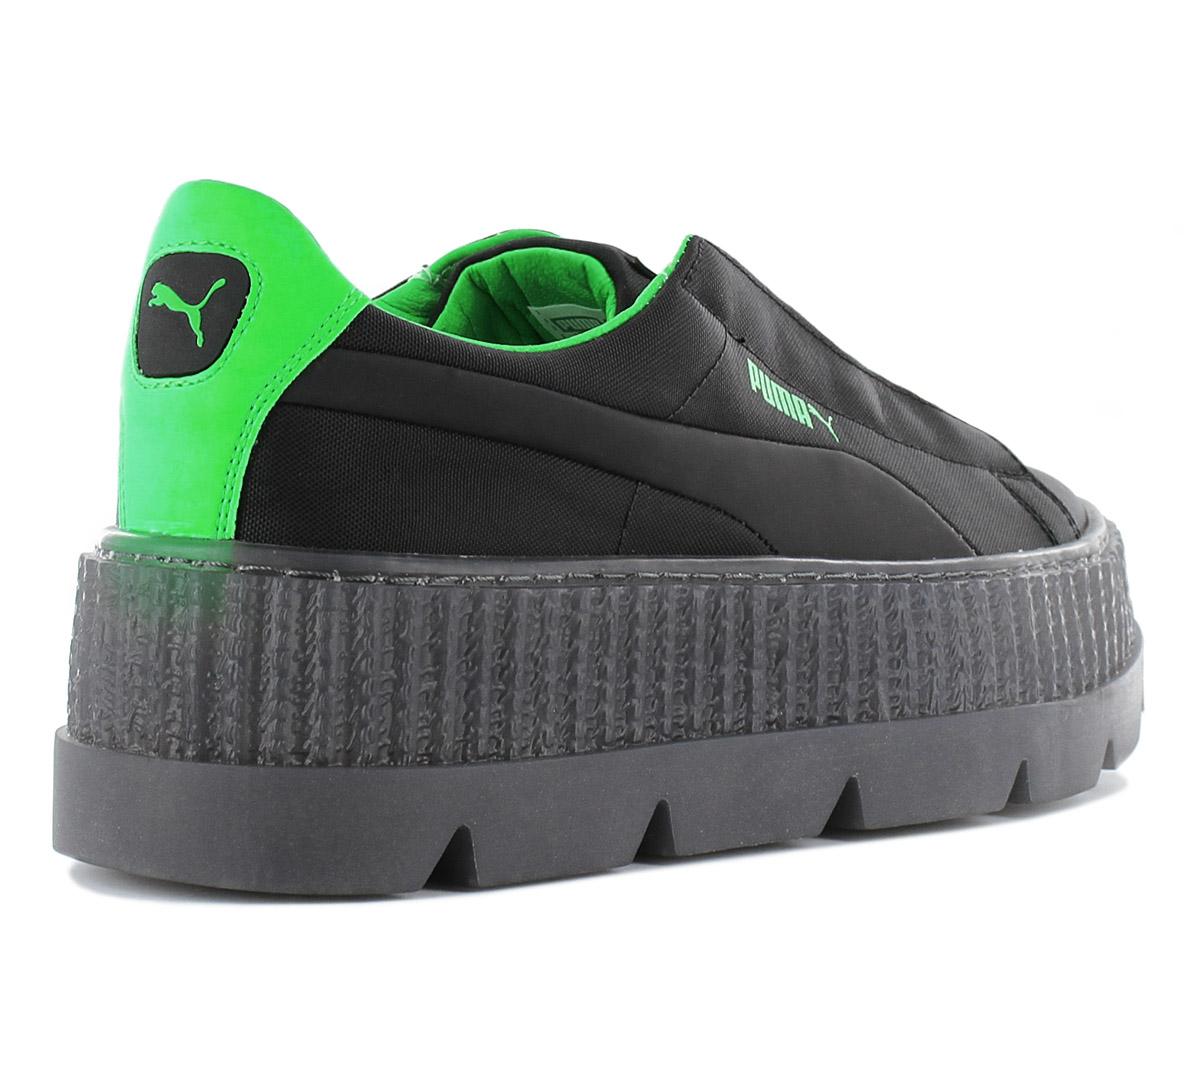 Schuhe Gr. 28 von Puma in Aargau kaufen tutti.ch